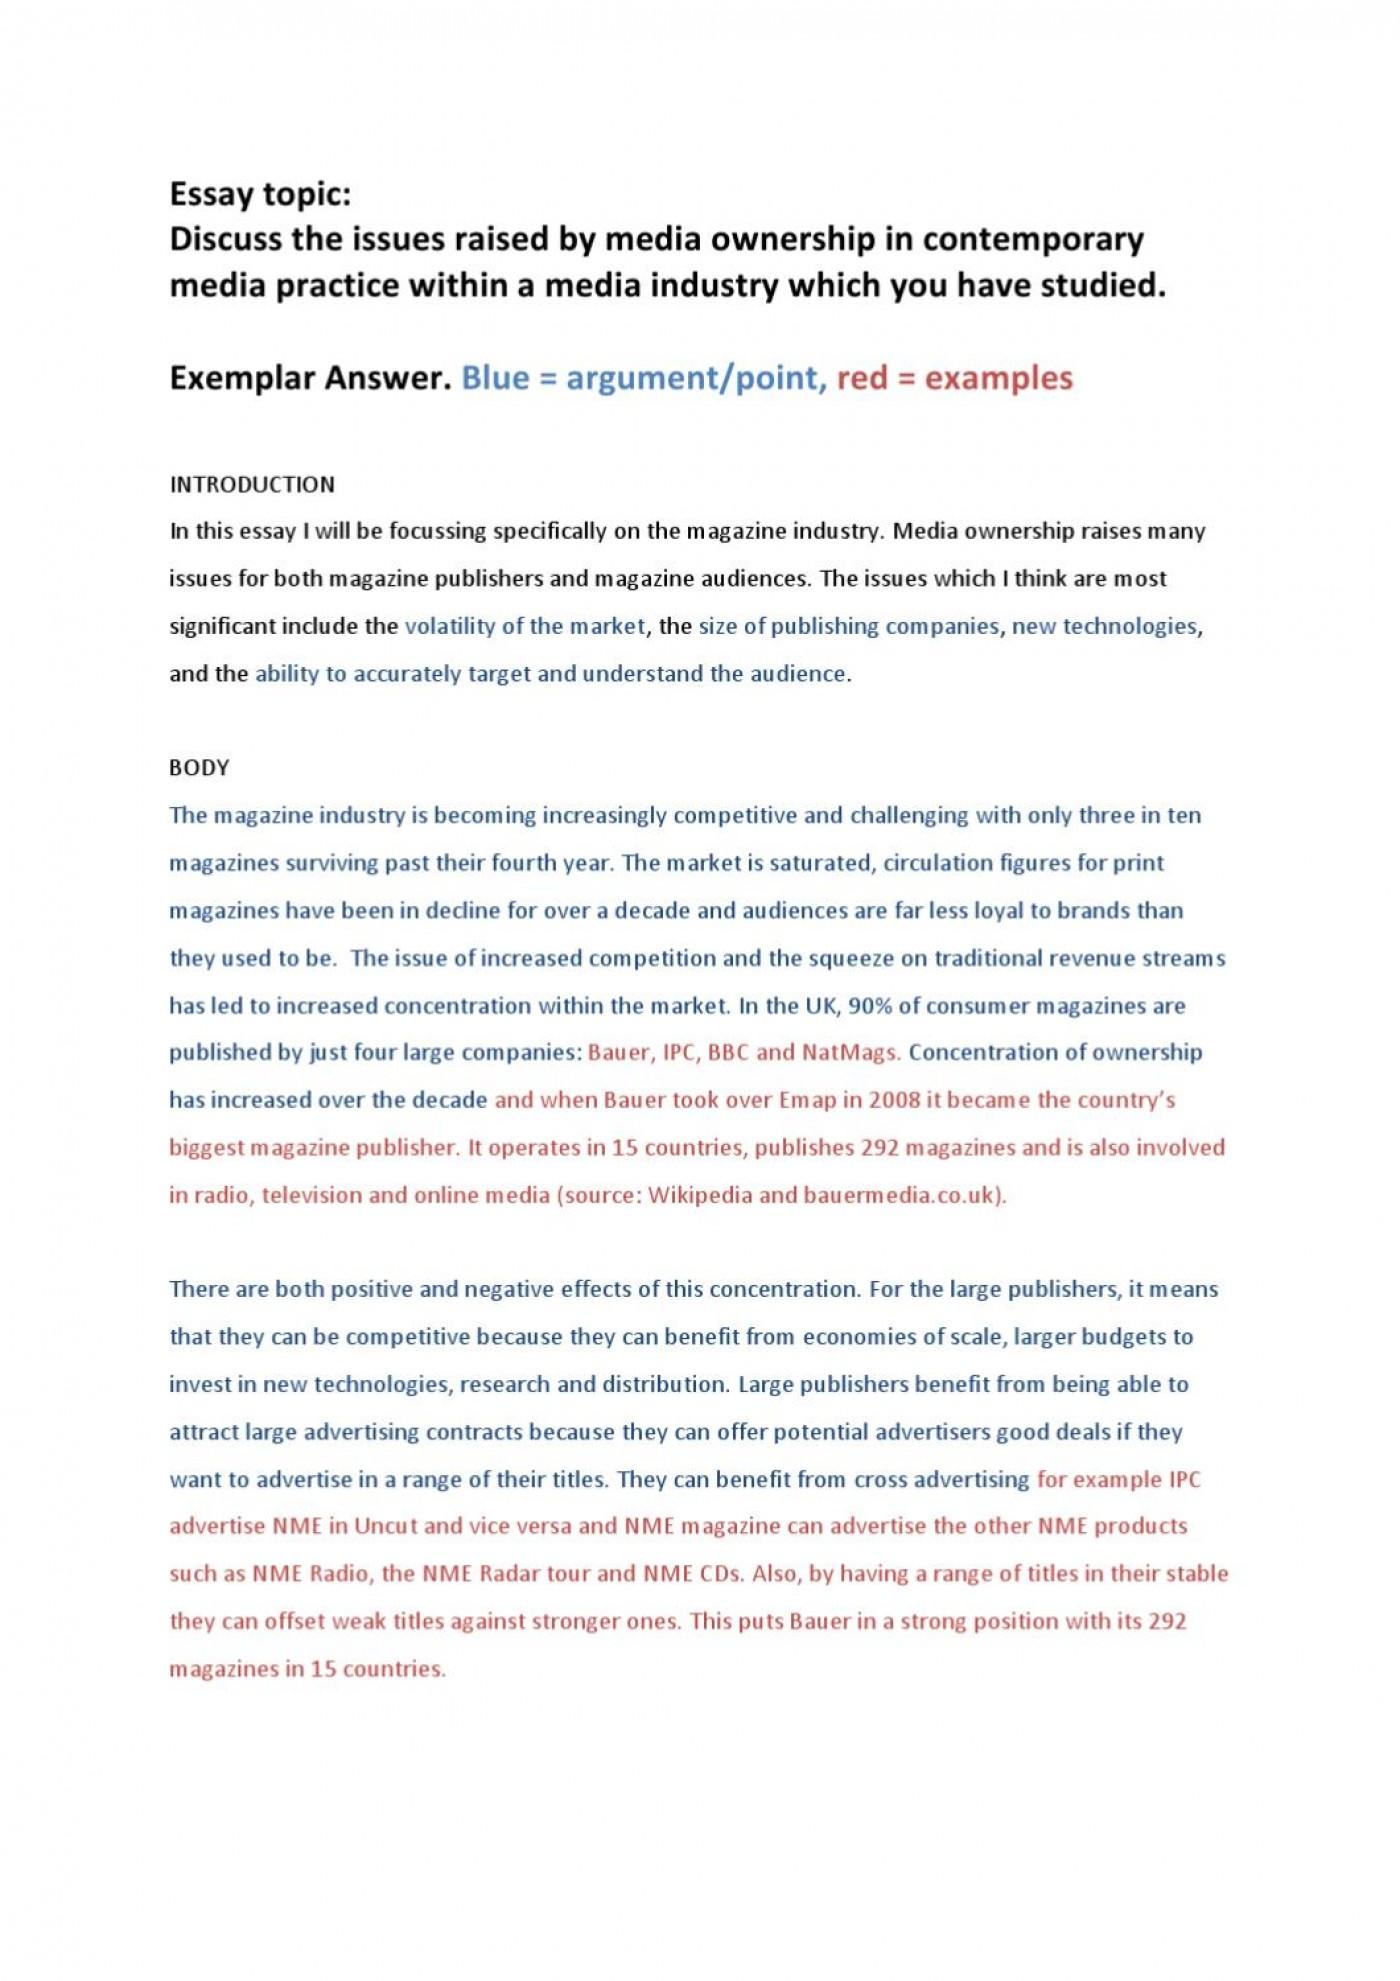 007 Sat Essay Prompts Page 1 Surprising 2015 2017 Prompt June 1400